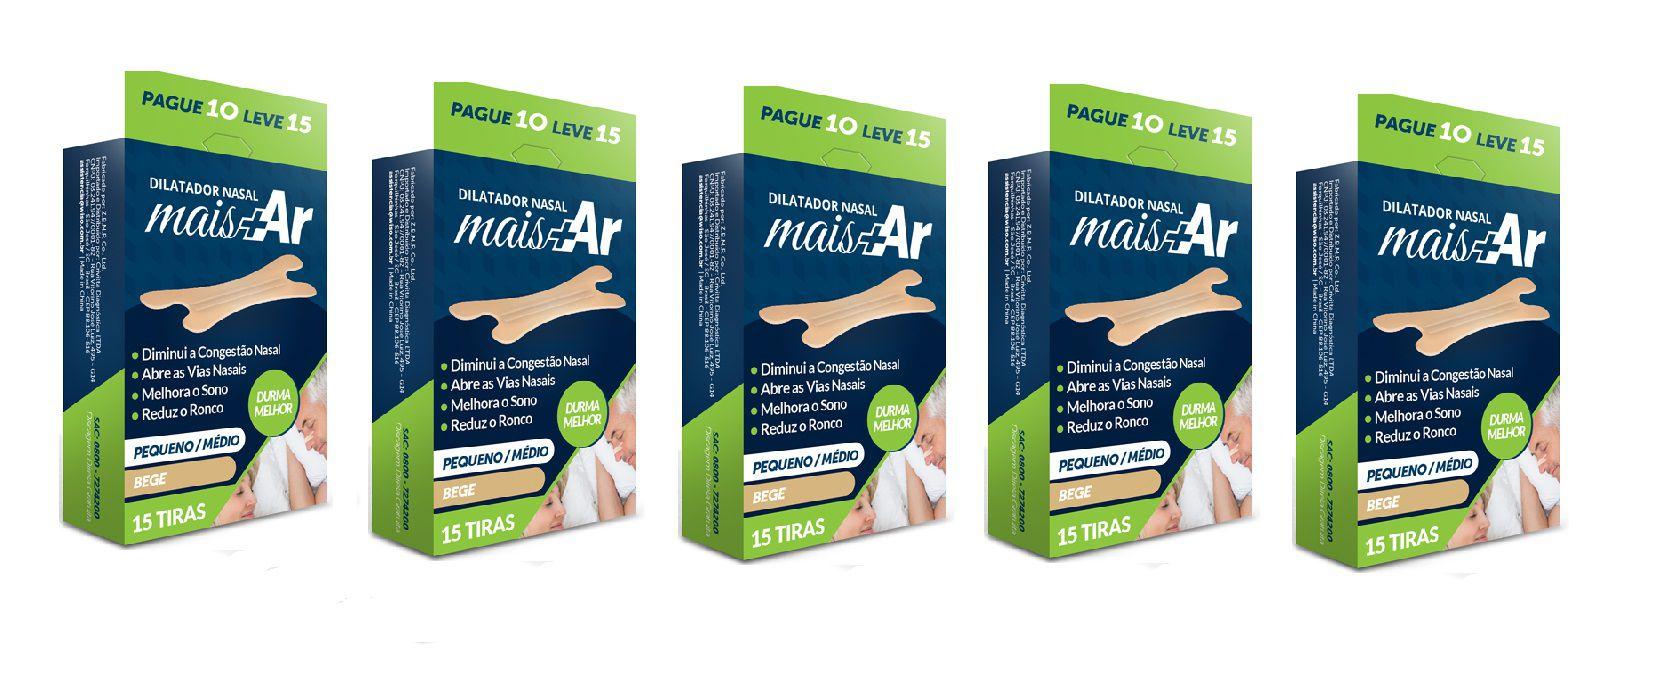 Pague 4 Leve 5 - Dilatador Nasal Mais Ar - Pequeno/Médio -  Bege - Caixa c/ 15 Unid